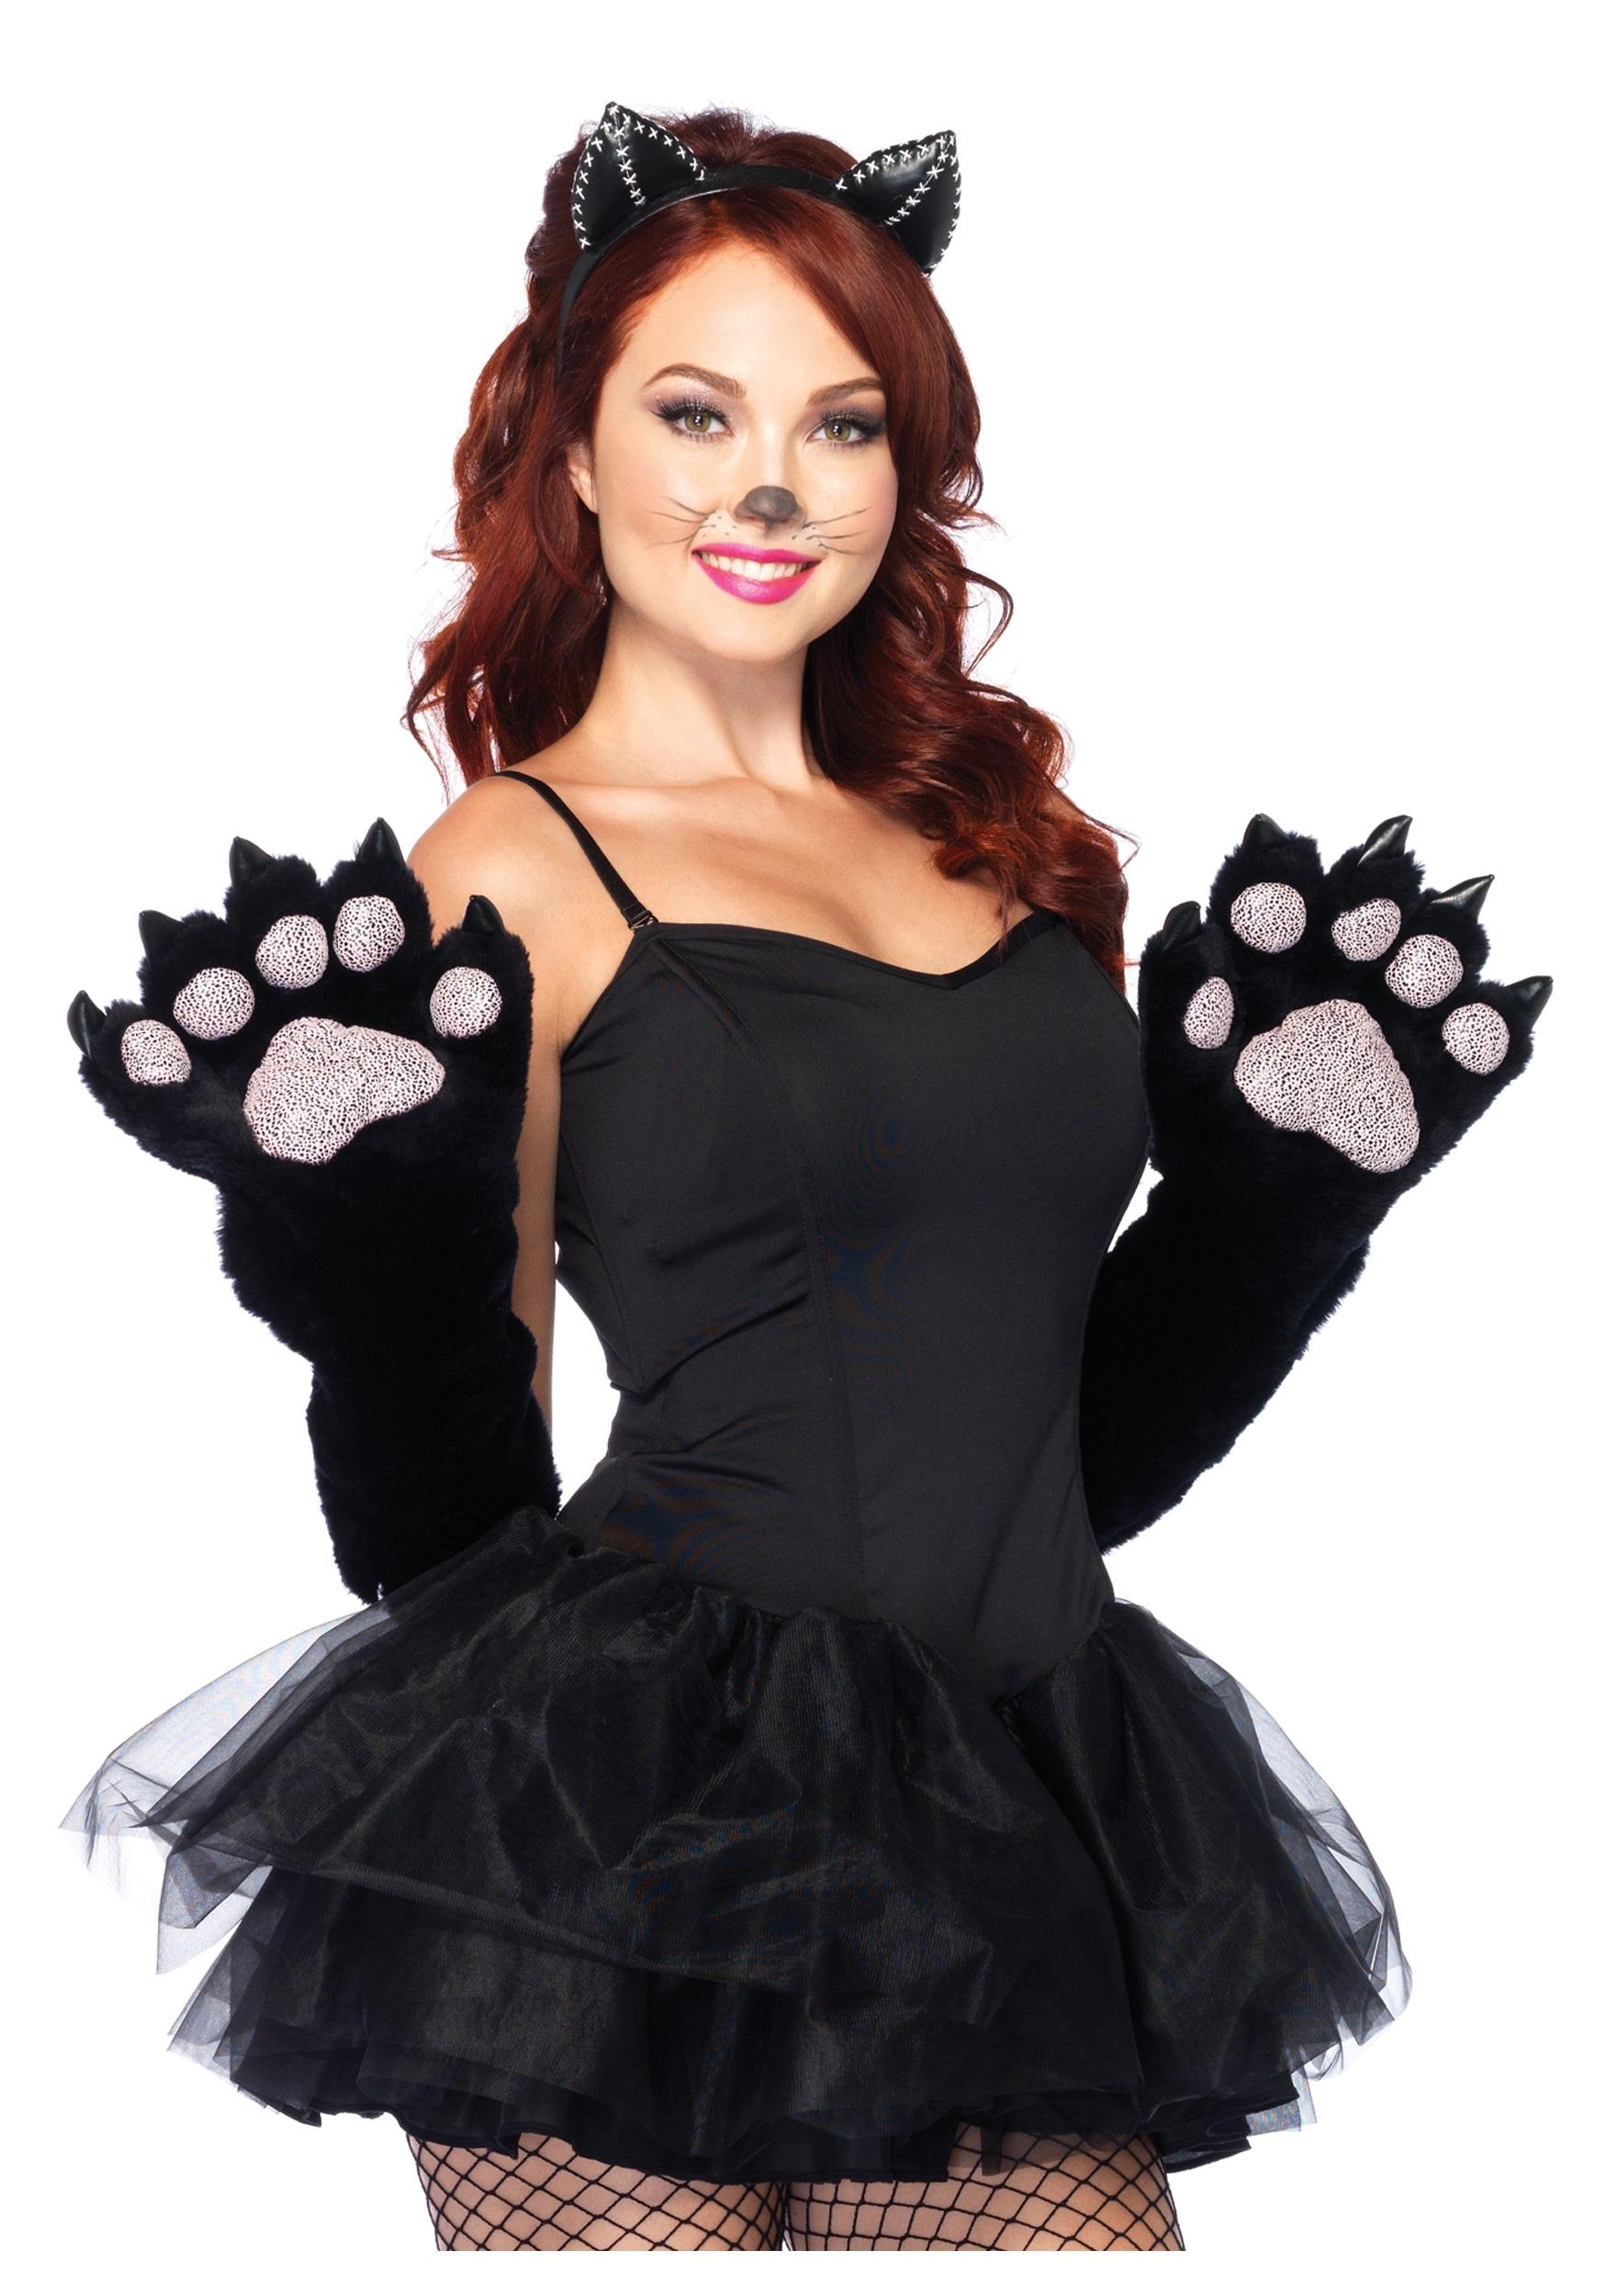 Как сделать костюм кошки для девочки в домашних условиях